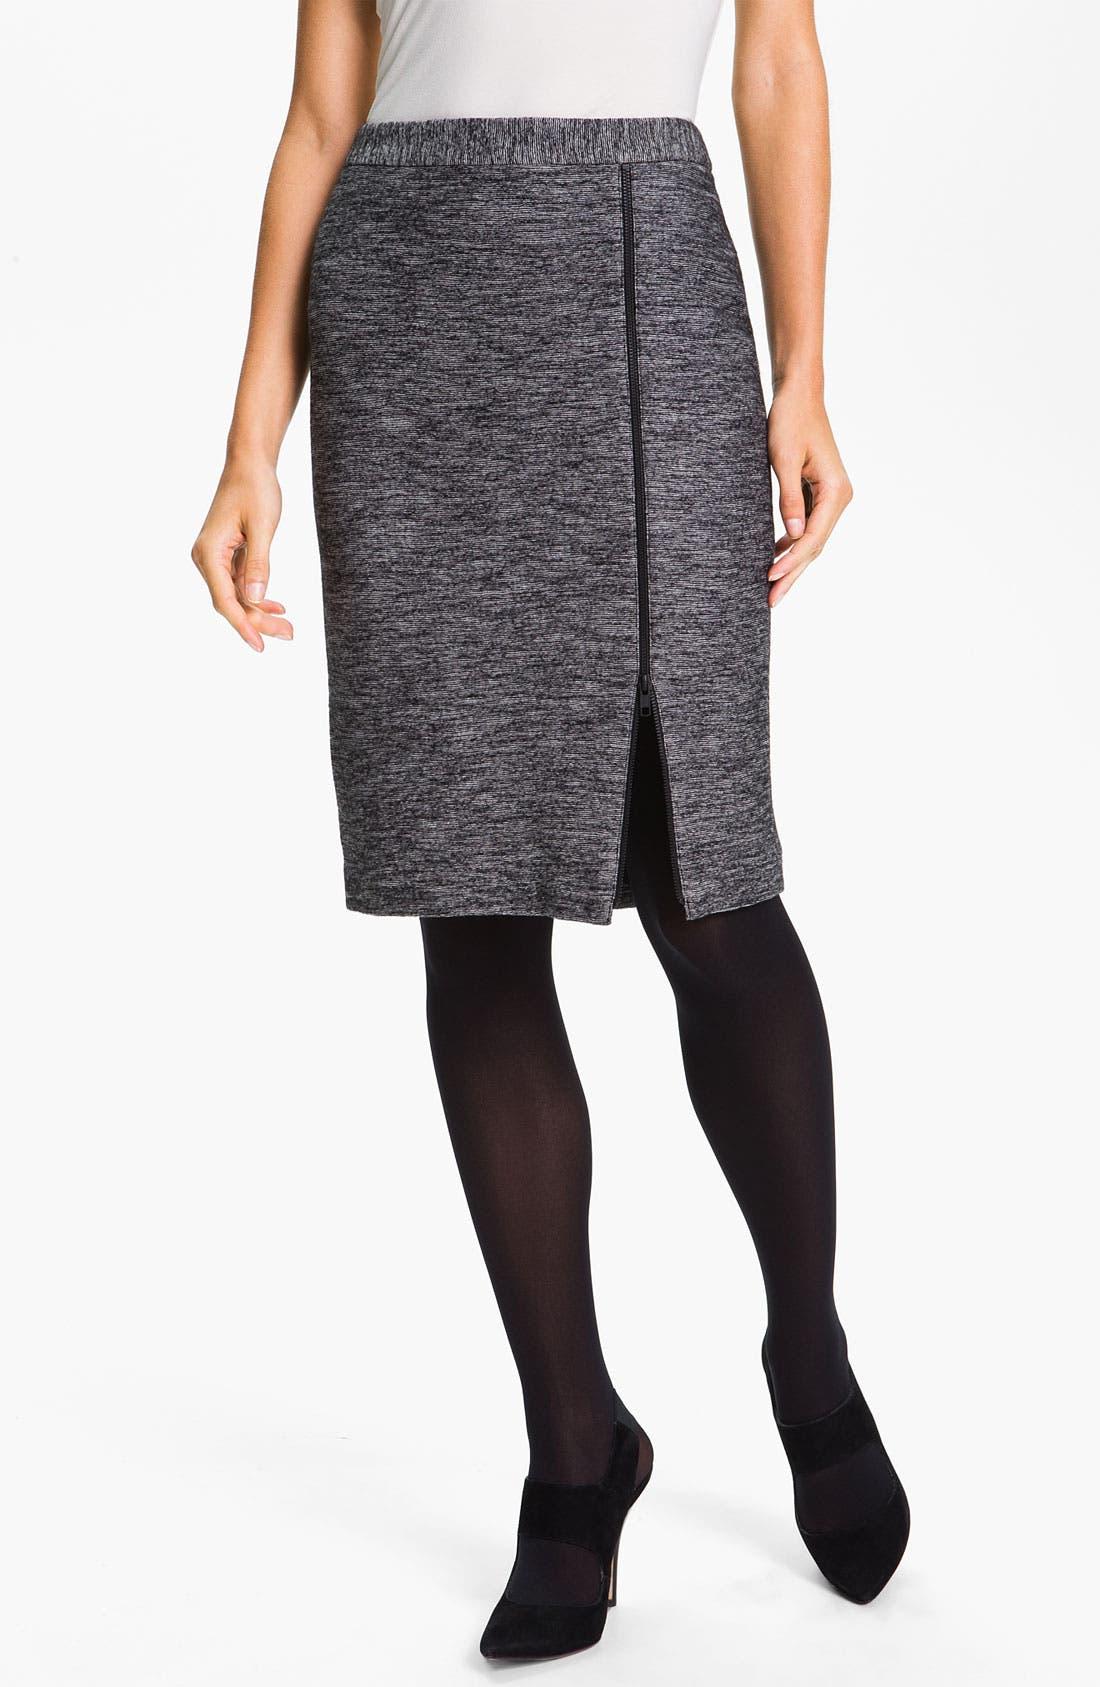 Main Image - Classiques Entier® 'Horizon' Double Knit Pencil Skirt